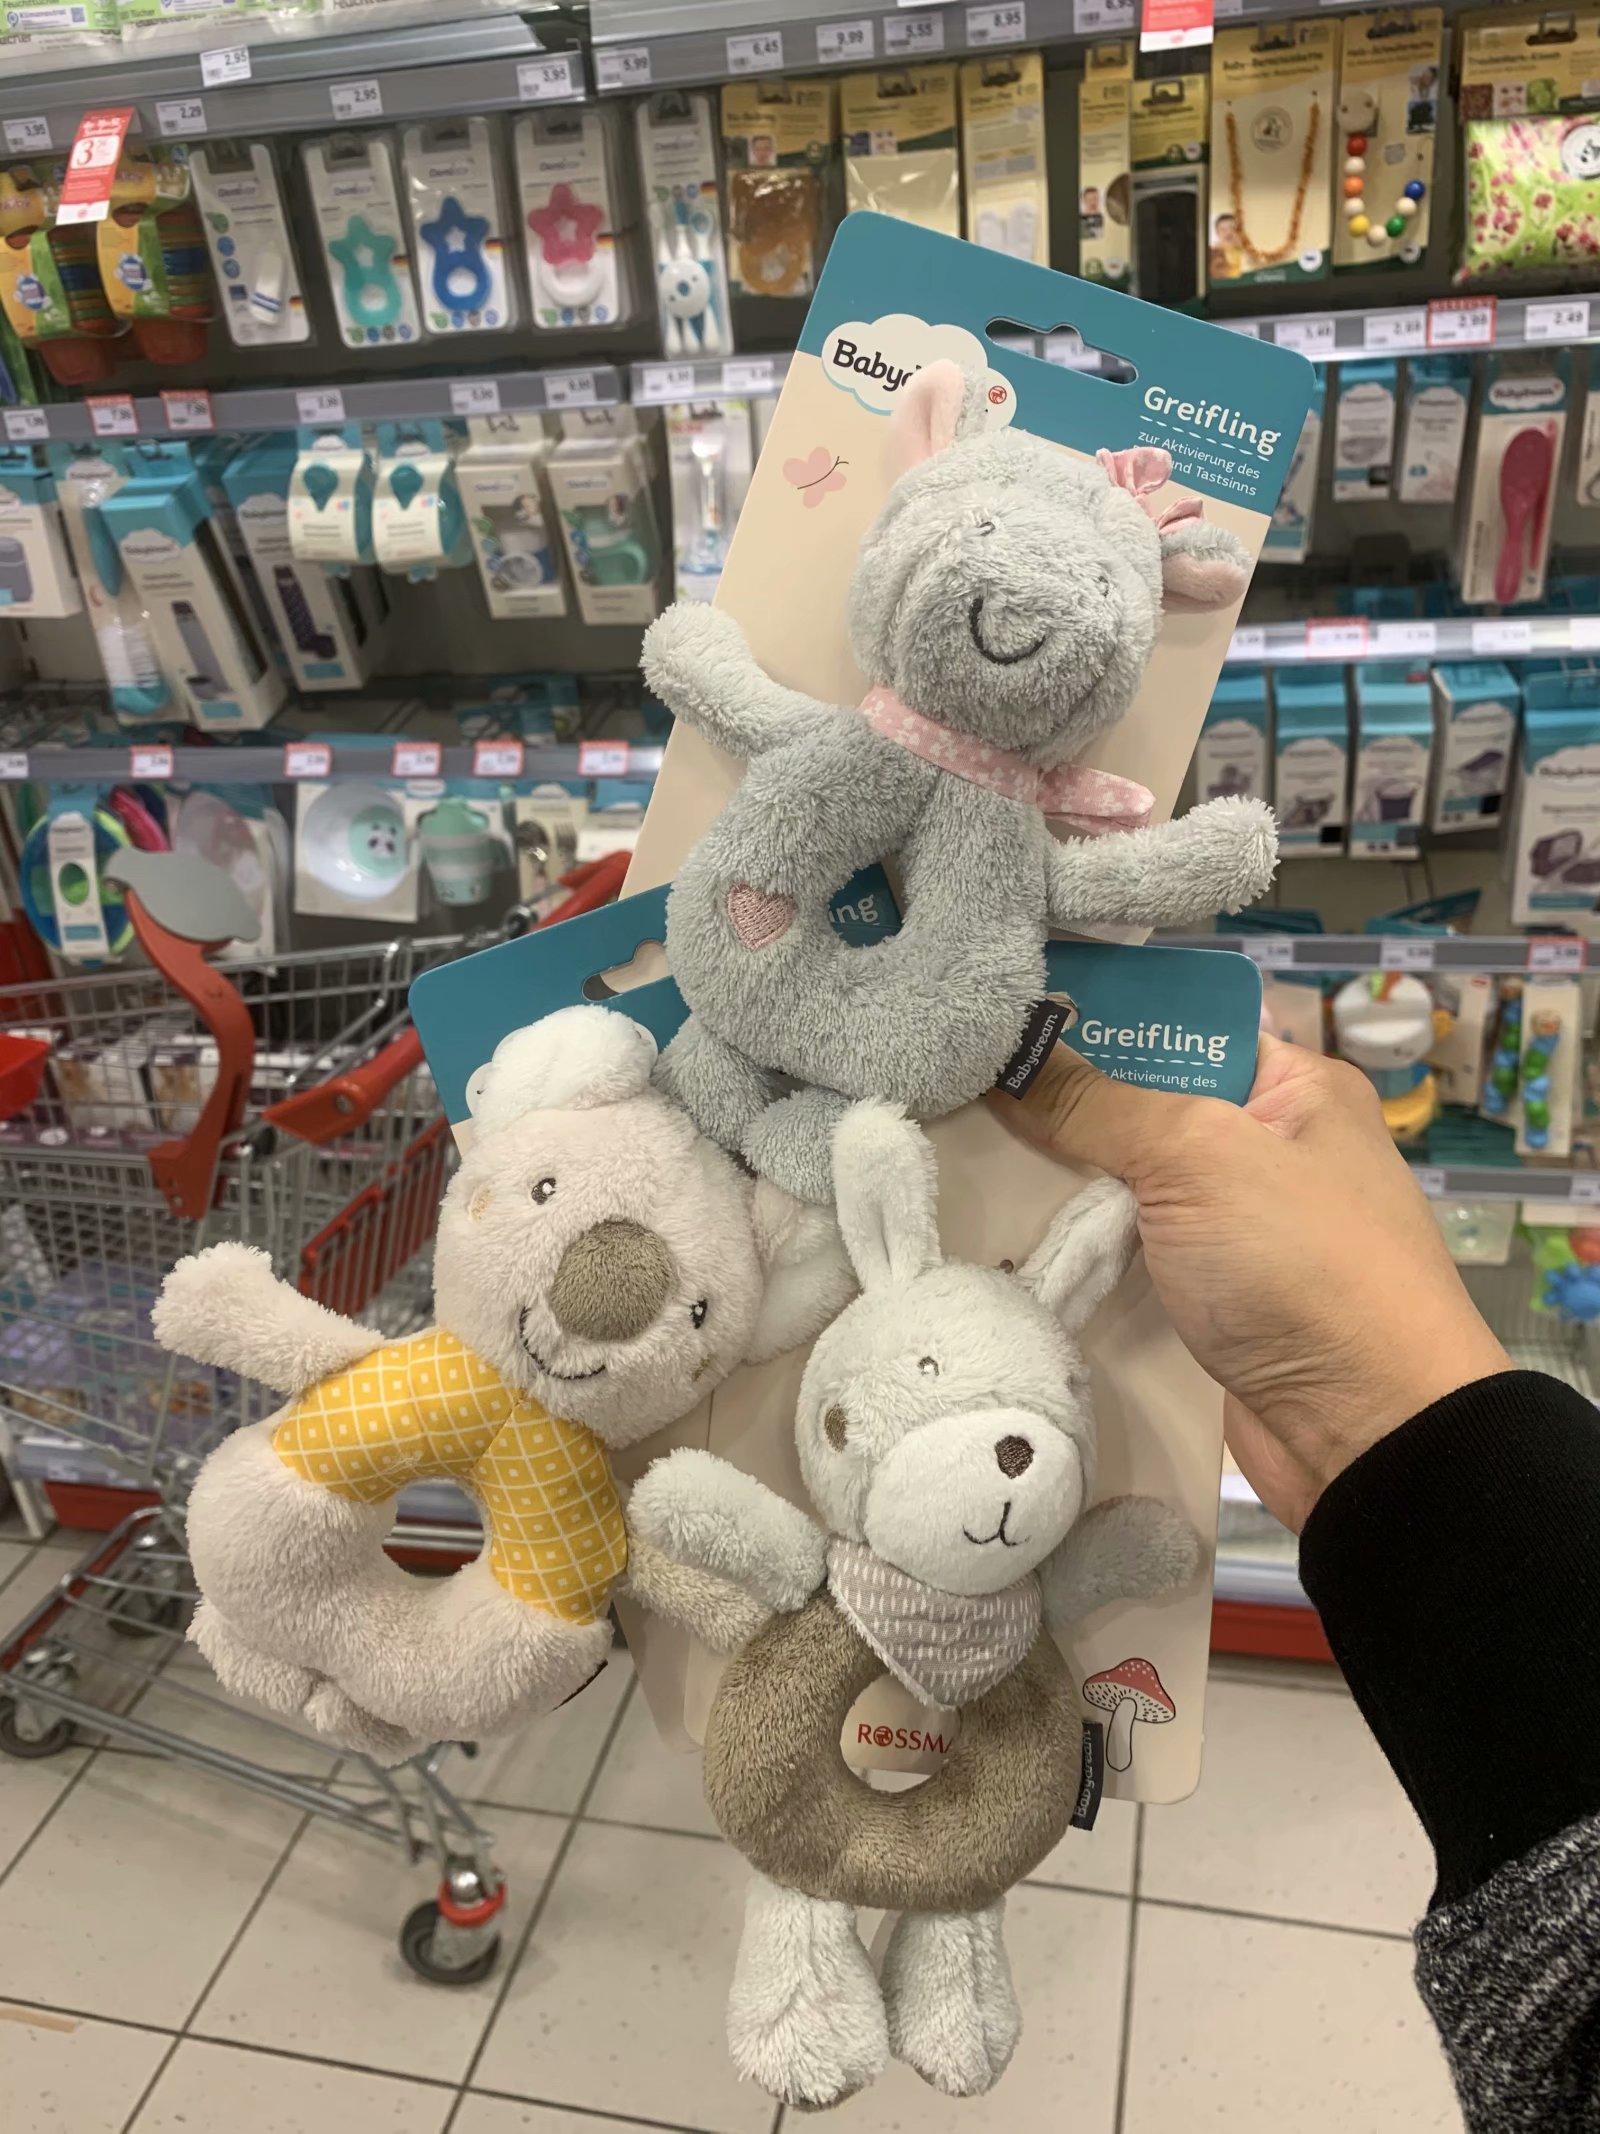 德国代购babydream婴儿多功能动物手摇铃棒毛绒宝宝安抚玩具有货